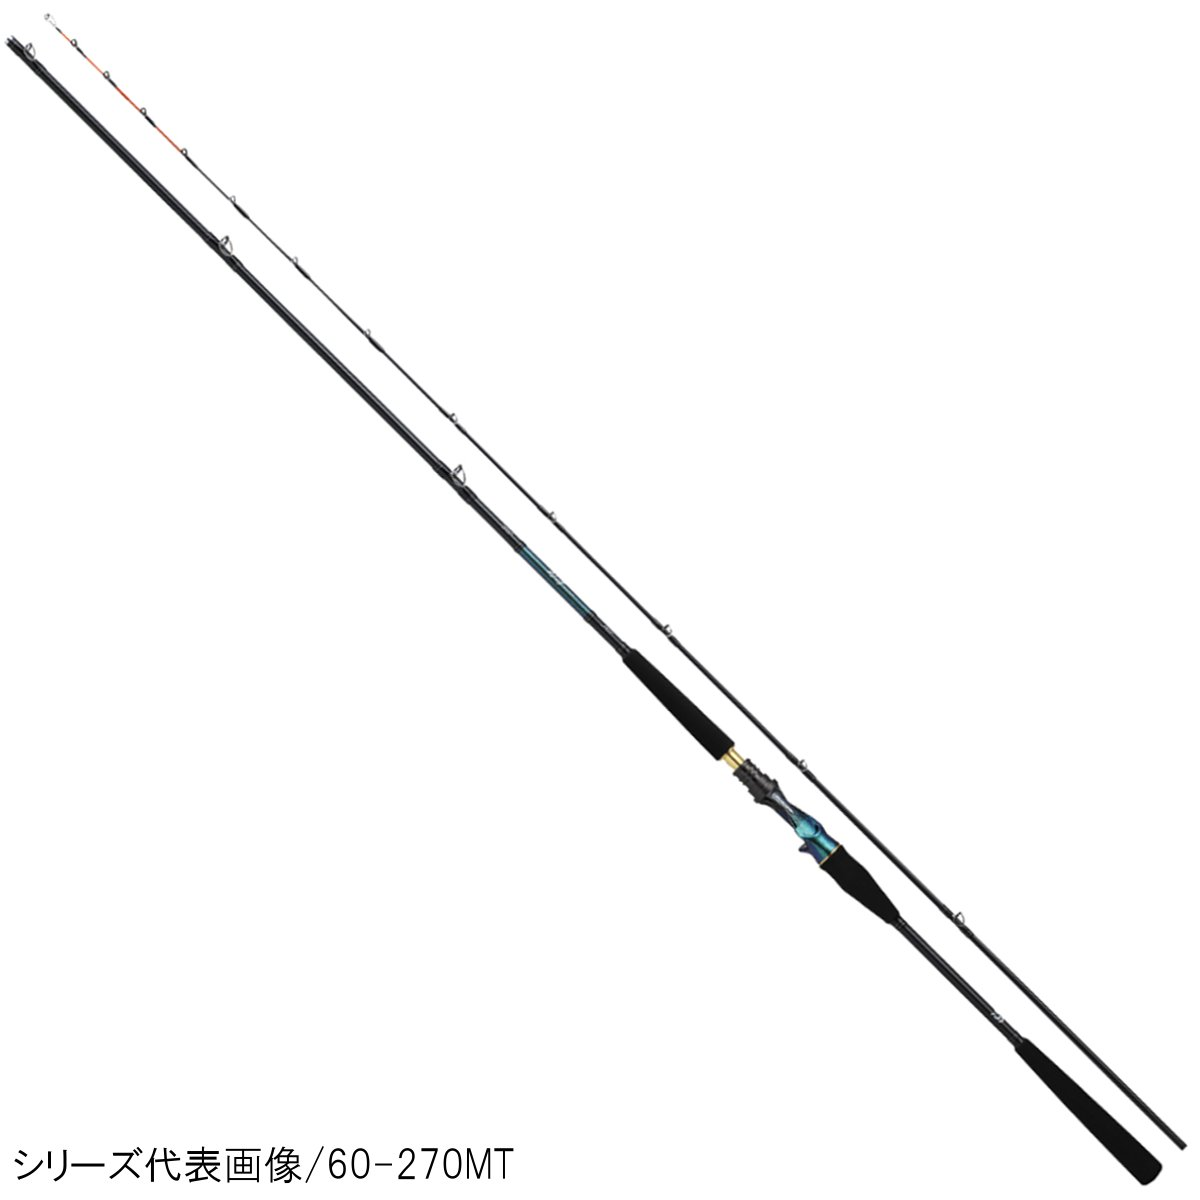 ダイワ 剣崎 MT 30-230MT